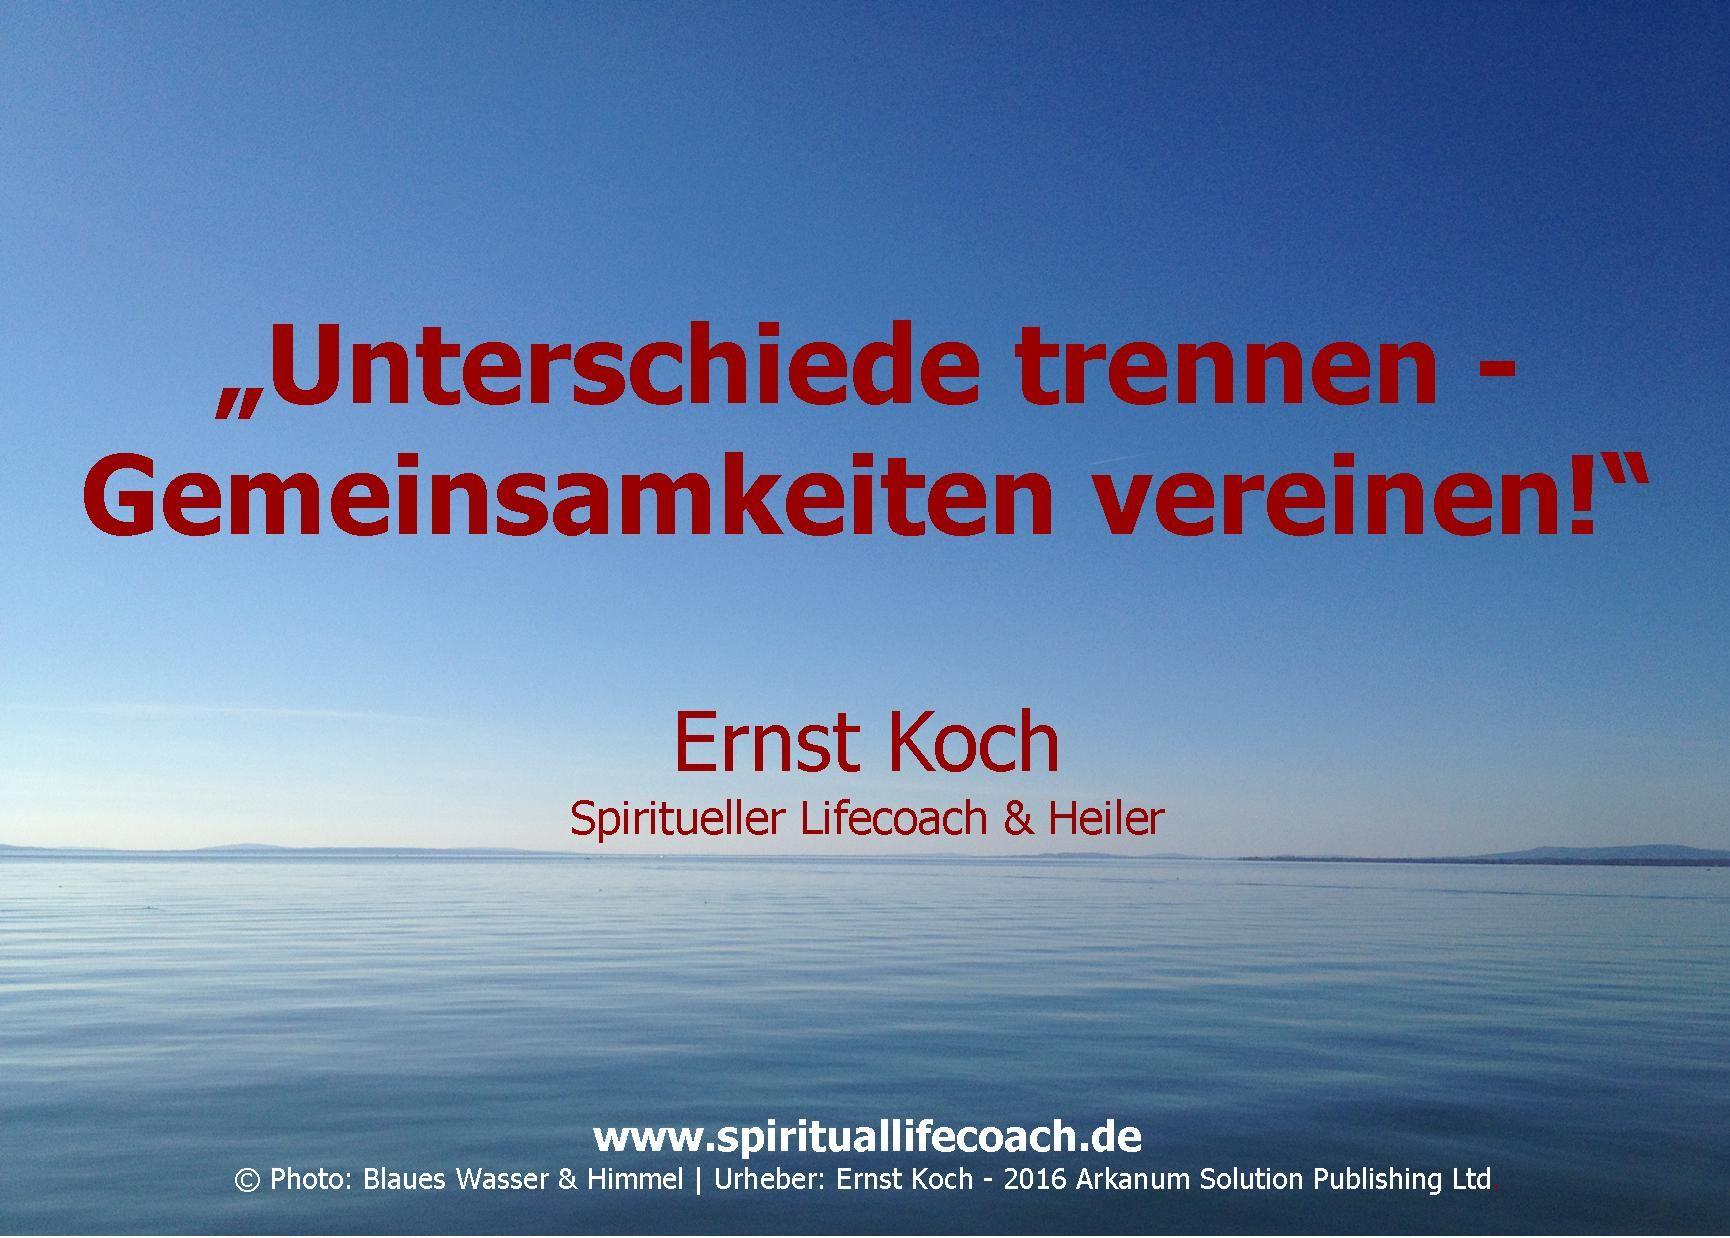 Unterschiede Trennen Gemeinsamkeiten Vereinen Ernst Koch Spiritueller Lifecoach Heiler Www Spirituallifecoach De C Photo B Urheber Spirituell Heilerin